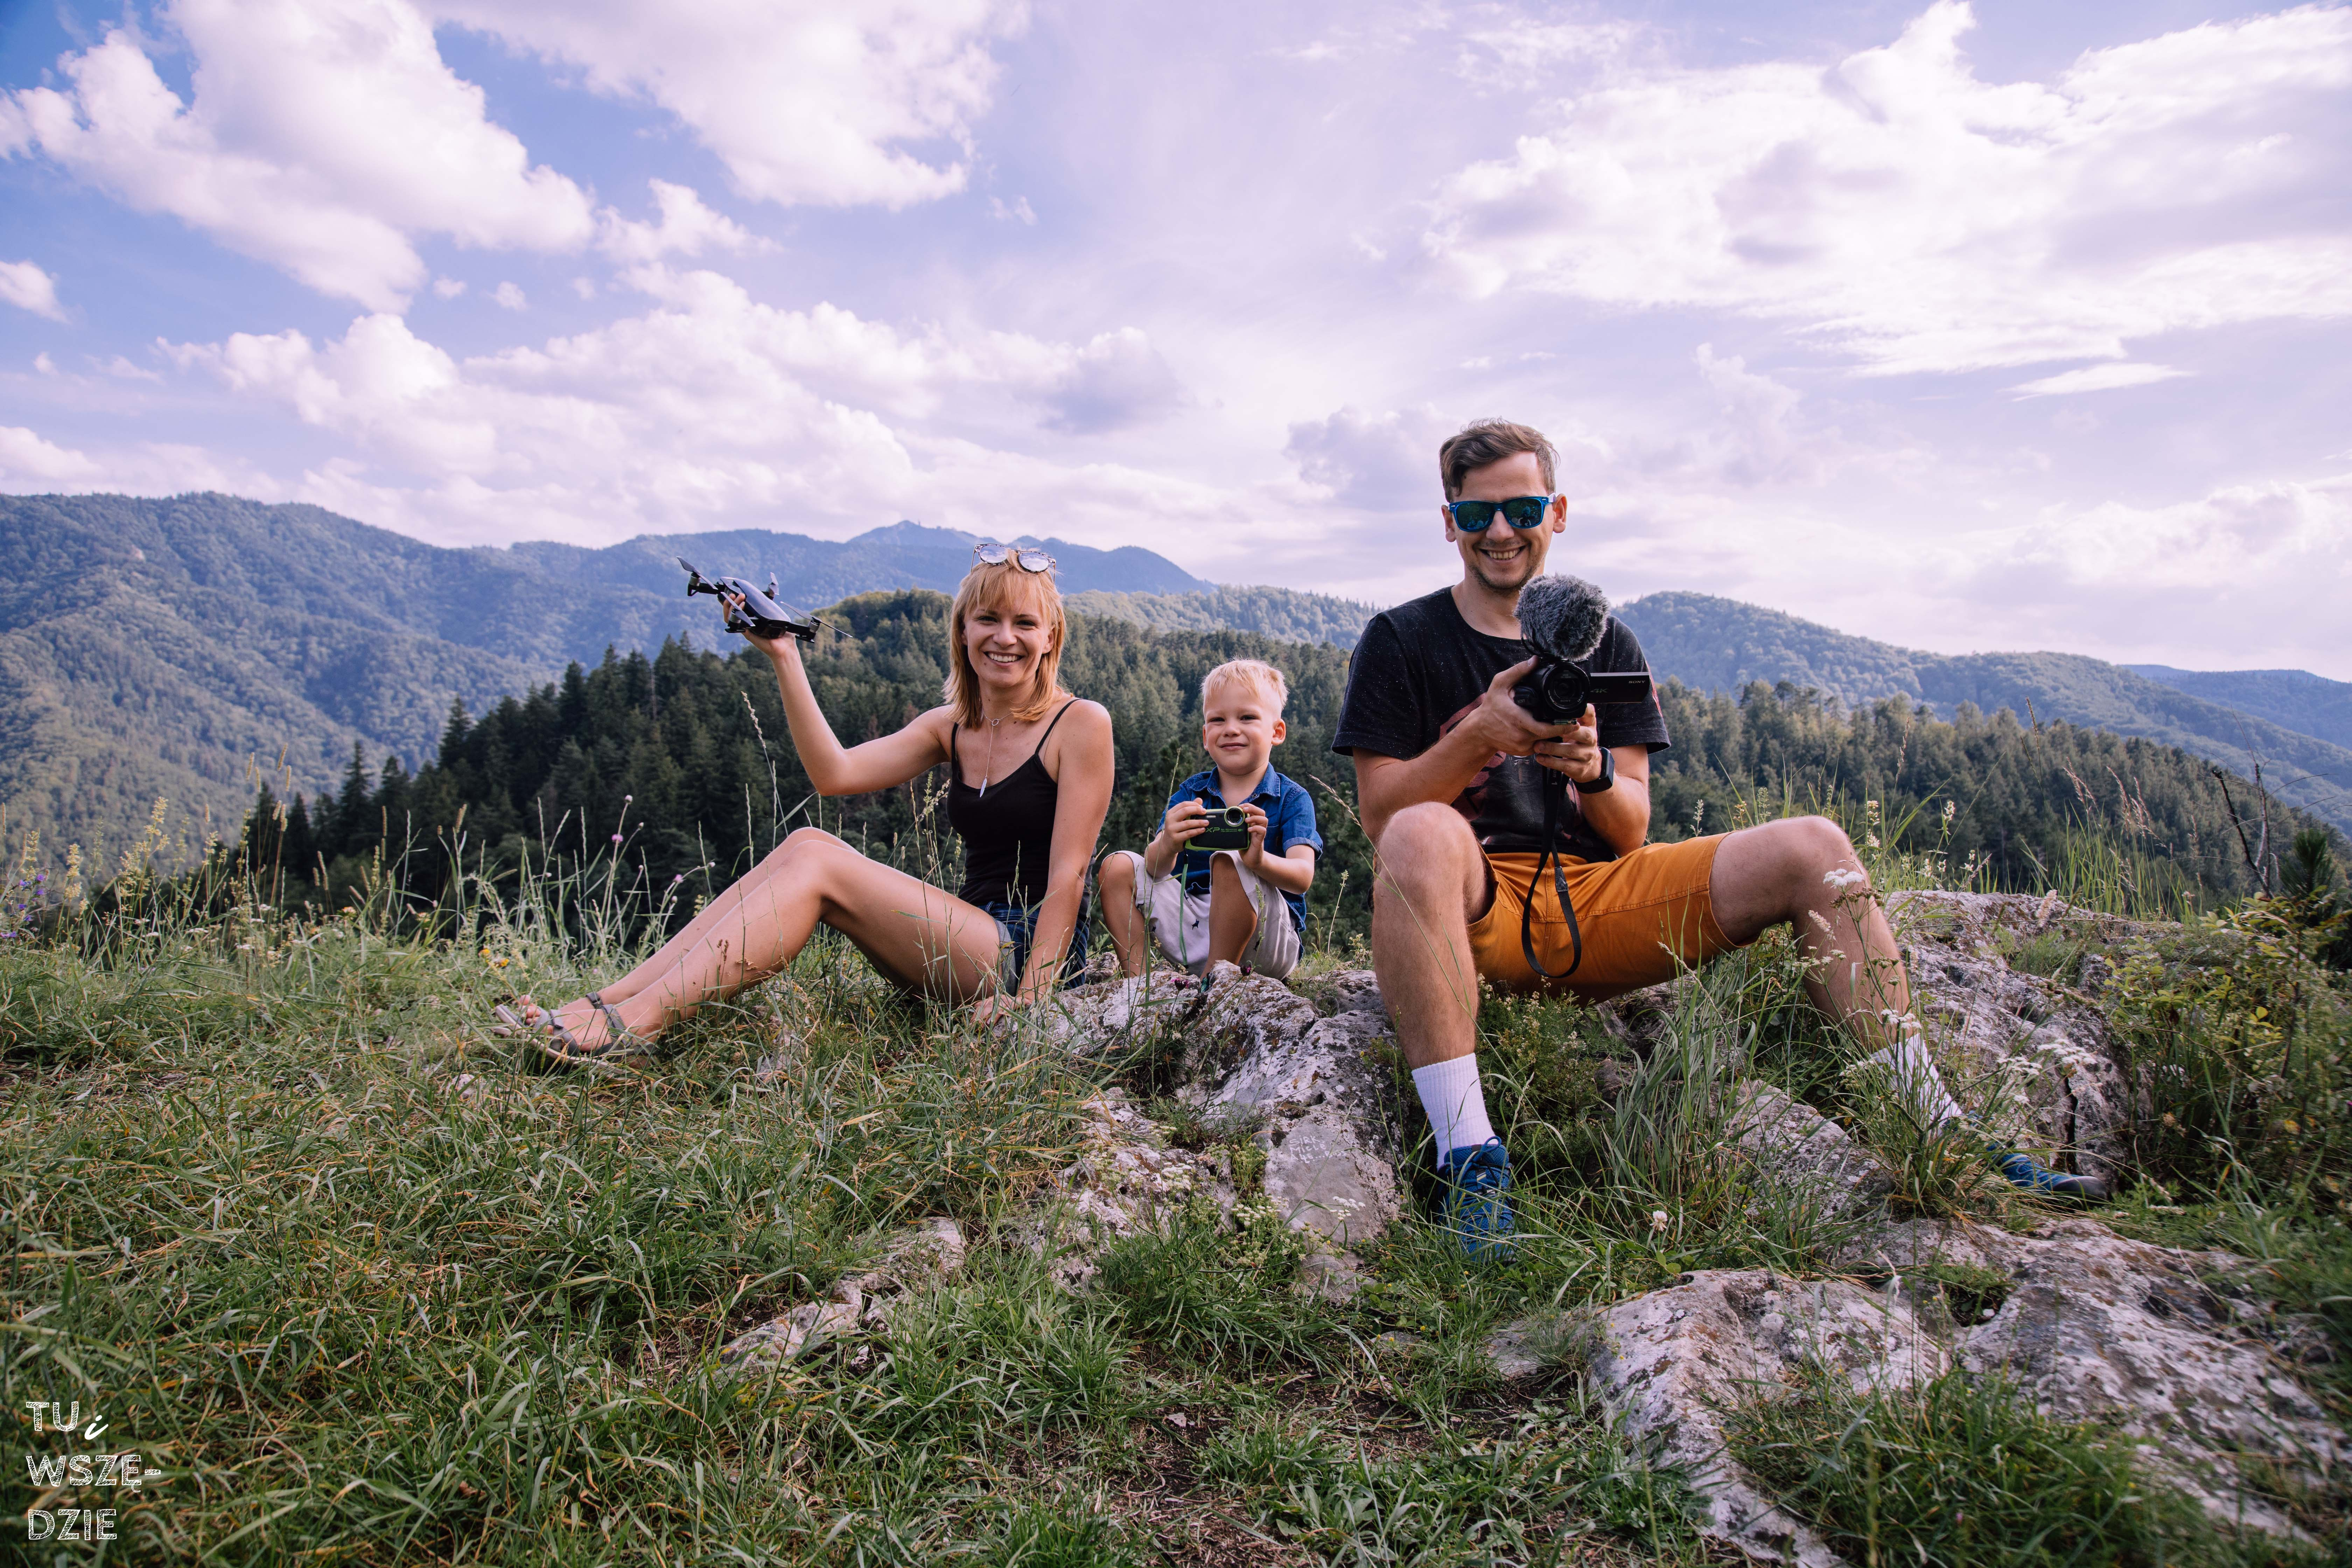 rodzina cyfrowych nomadów